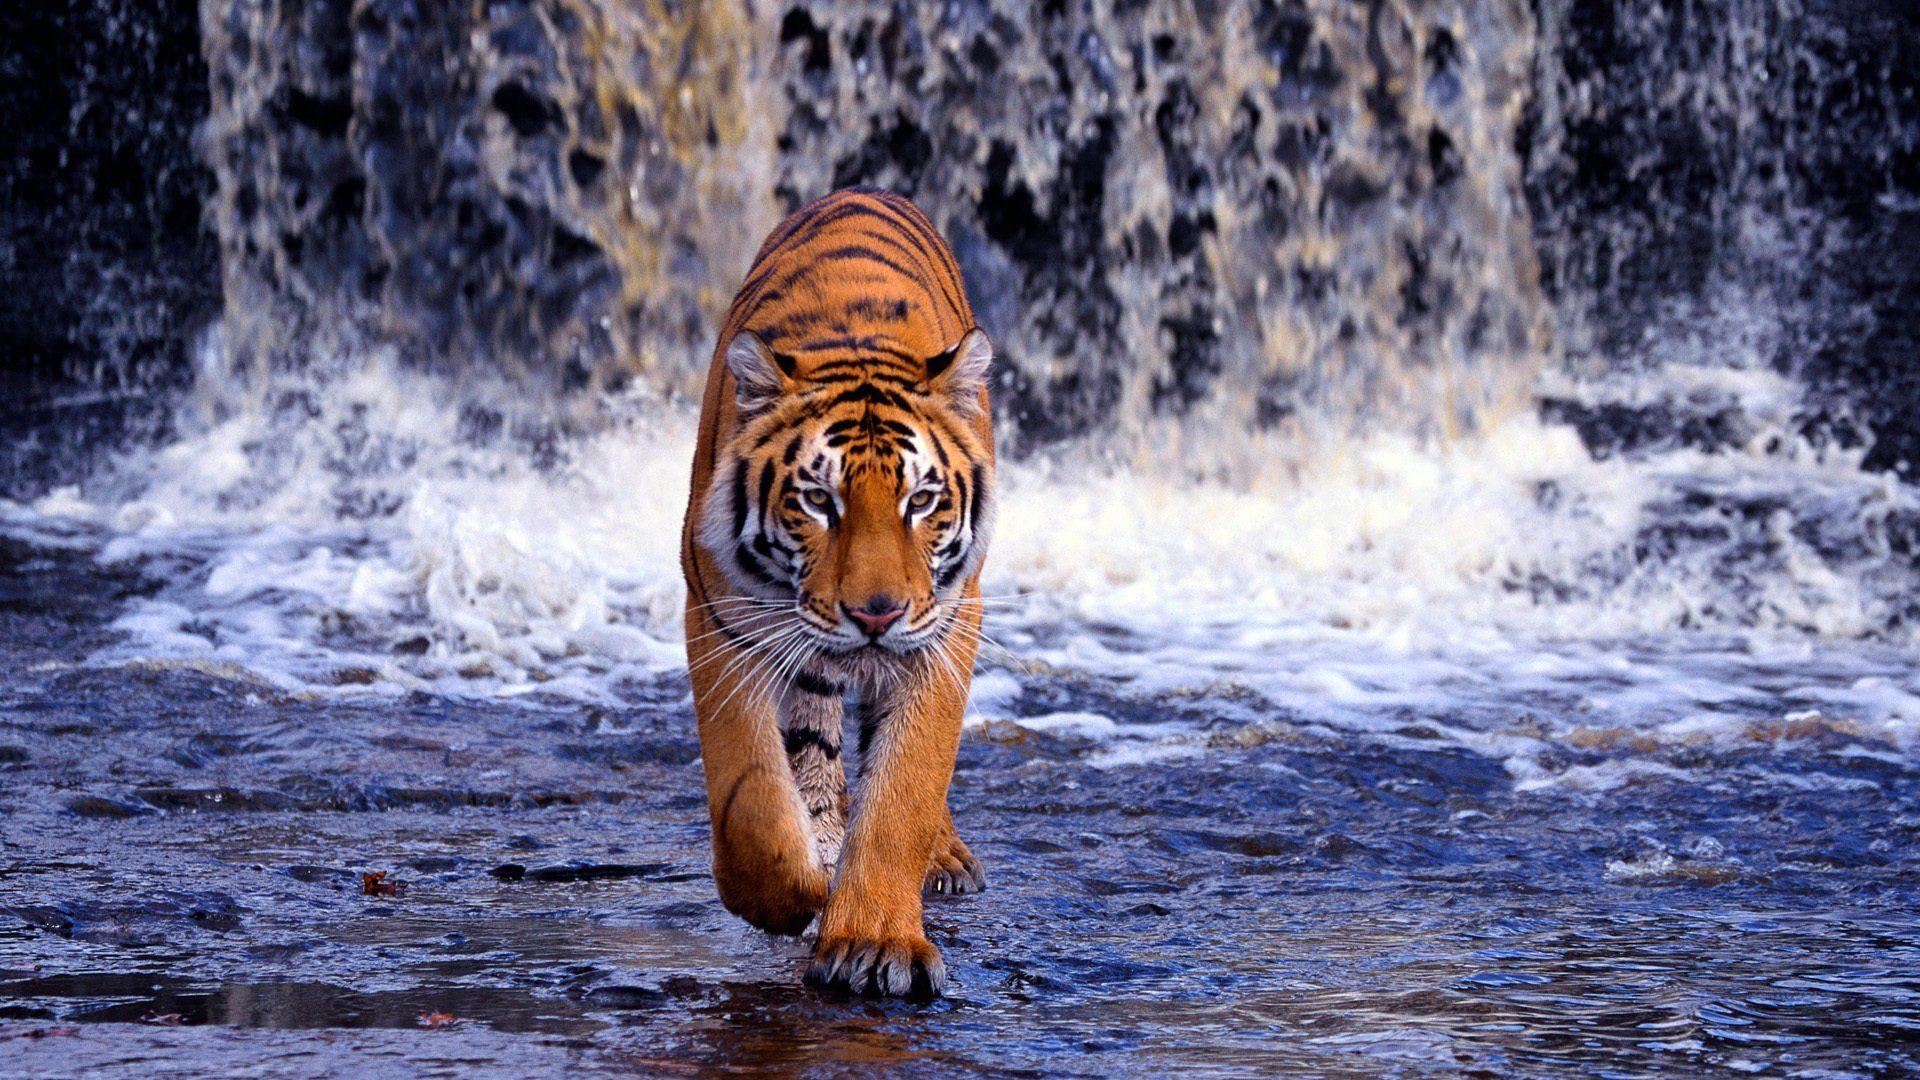 Wallpapers Hd Tiger Wallpaper Cave